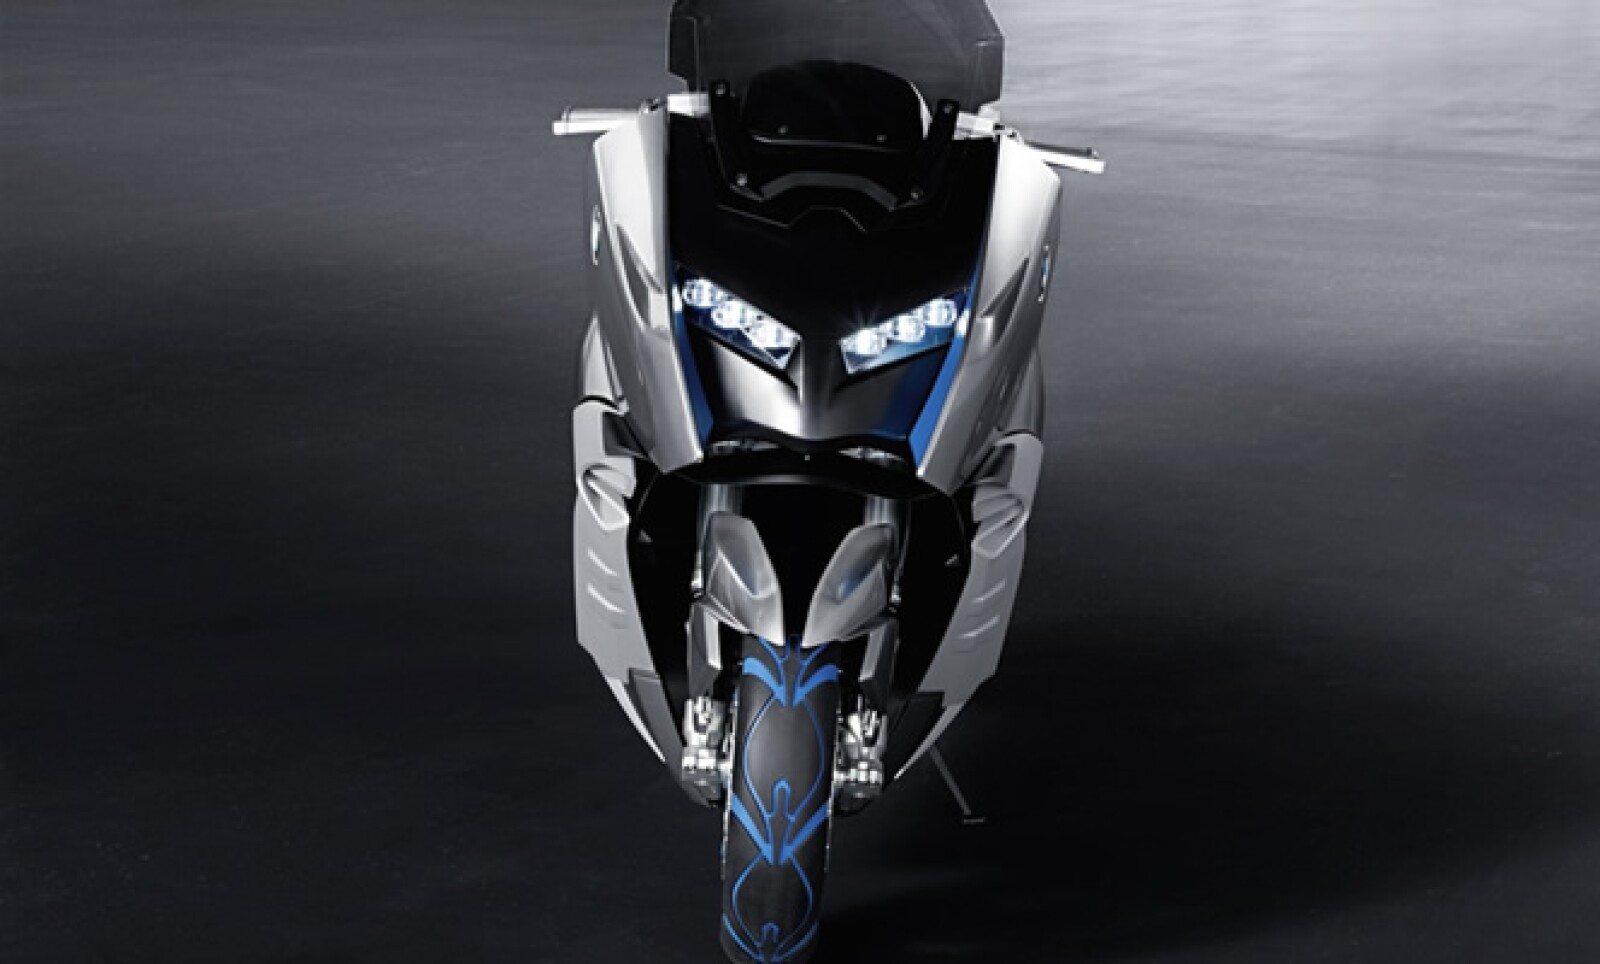 La parte frontal se asemeja a una moto de turismo deportivo con faros de automóvil, mientras que la parte trasera cuenta con una forma más convencional.